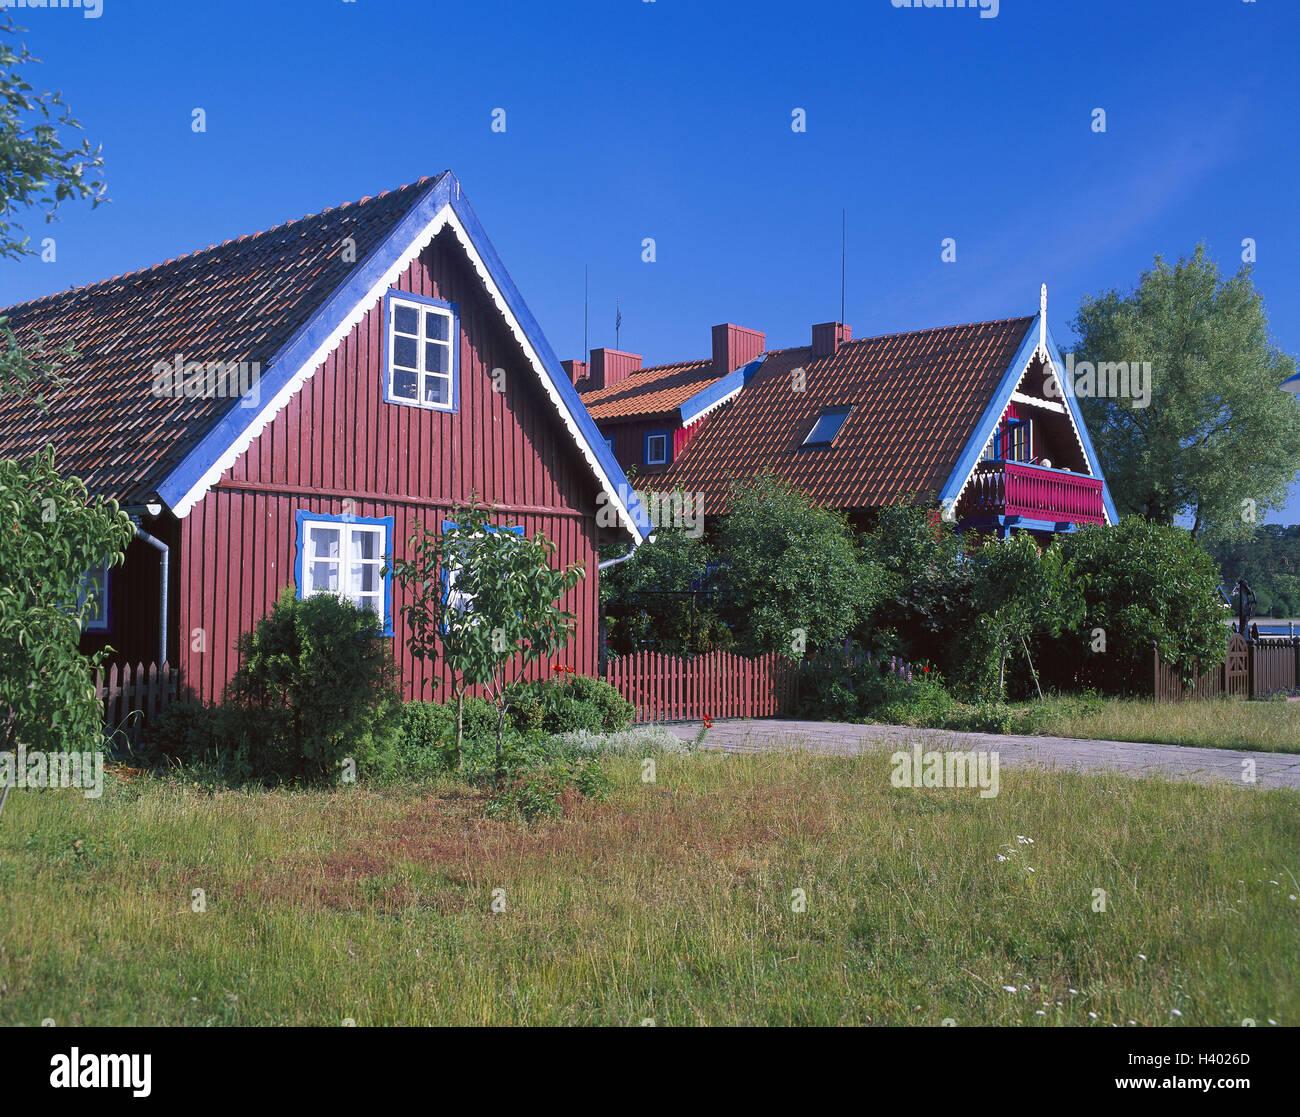 Cool Litauen Nida Wohn Huser Garten Europa Die Baltischen Staaten Lietuva  Lietuvos Respublika Holzhuser Holzfassade Fassade Bauweise With Garten Huser